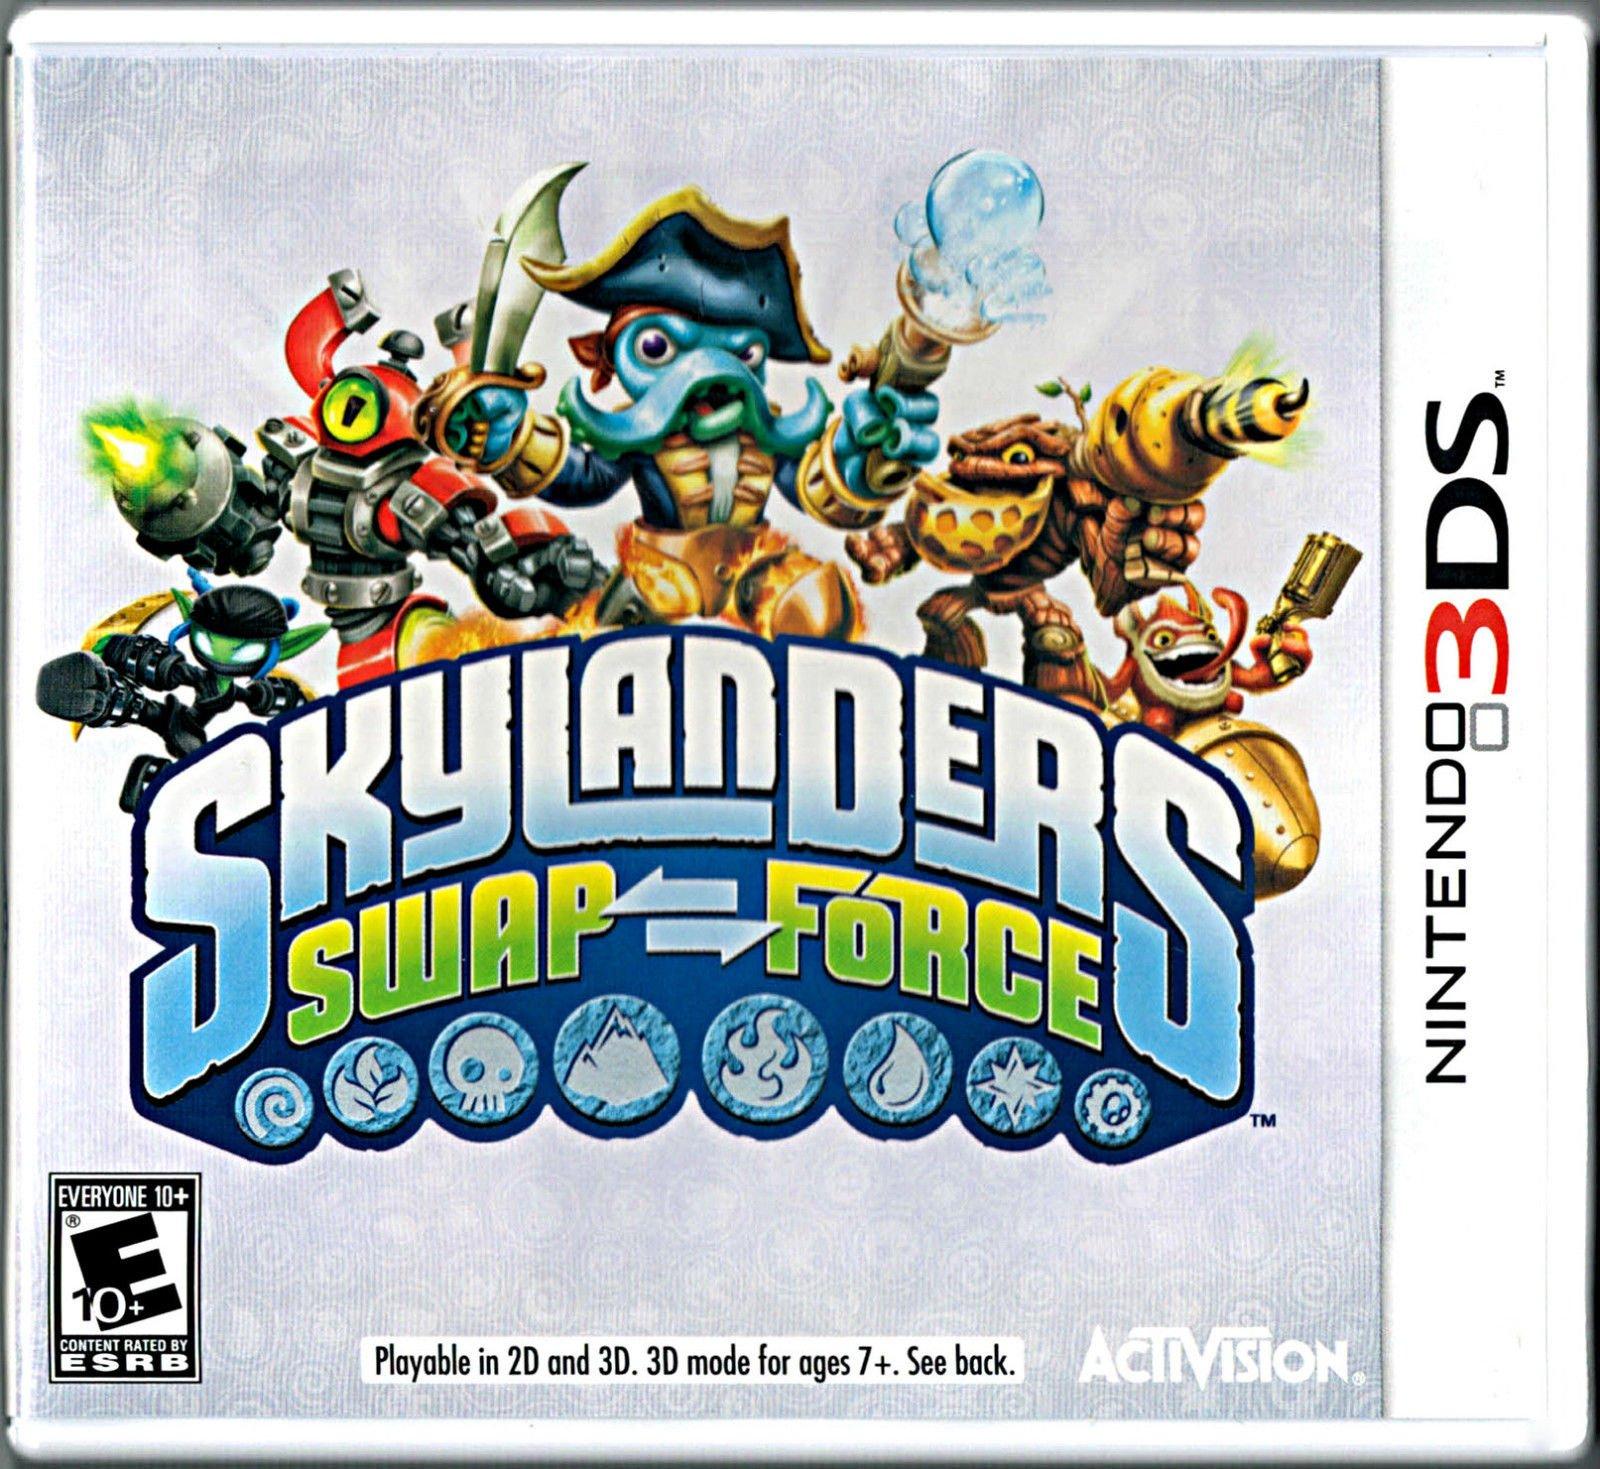 Uncategorized Swap Force Game amazon com 3ds skylanders swap force game only video games only